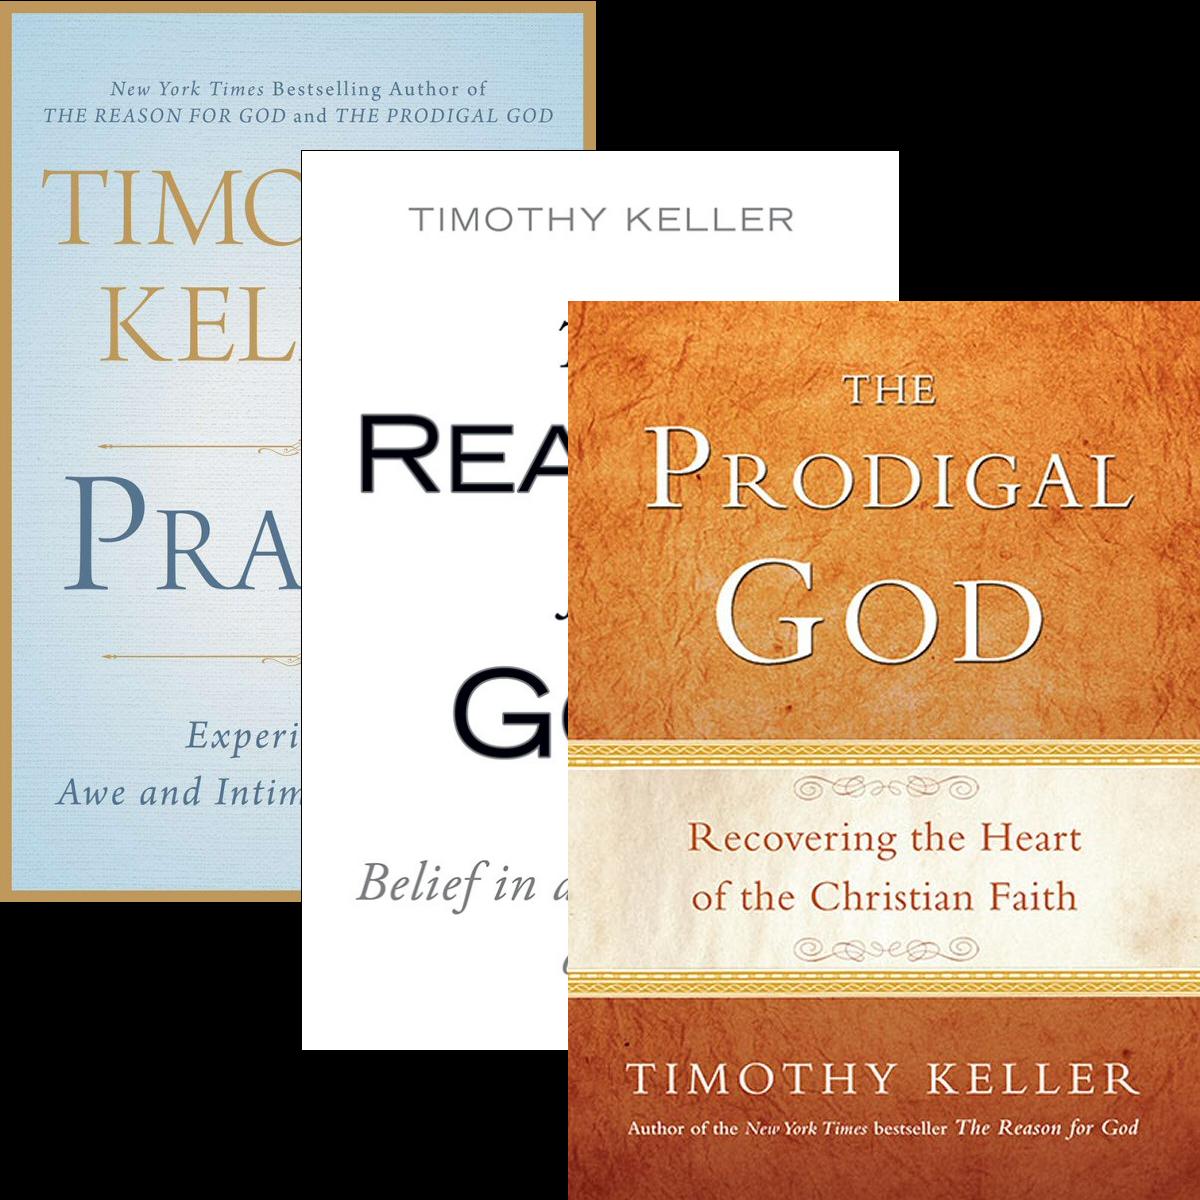 Timothy Keller Bestsellers (3 vols.)